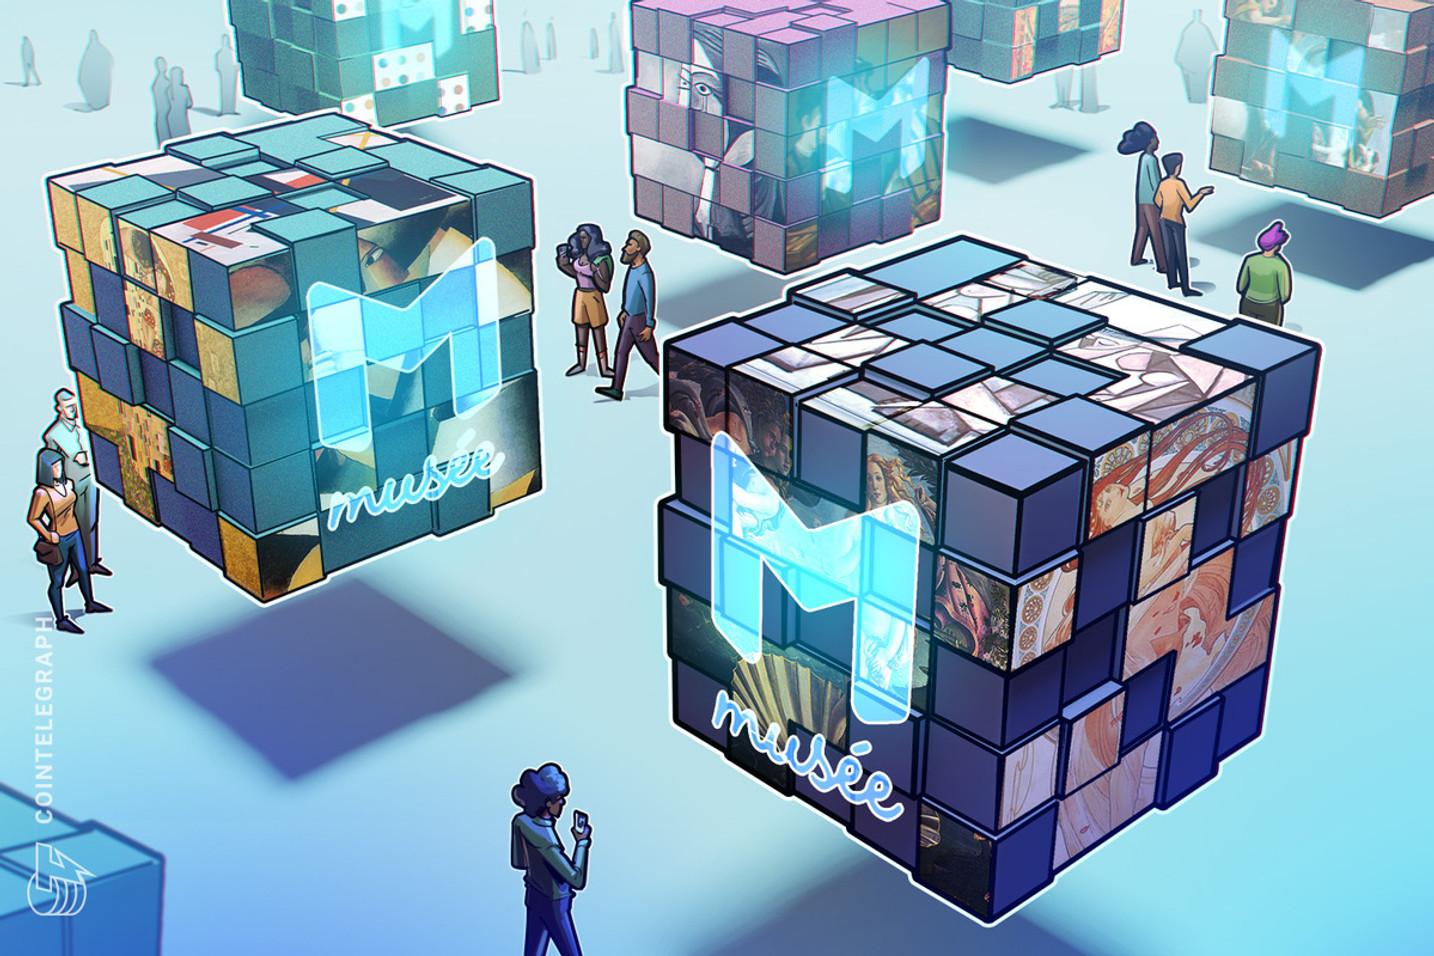 Le marché et la galerie NFT sophistiqués offrent des biens immobiliers numériques aux créateurs et aux collectionneurs